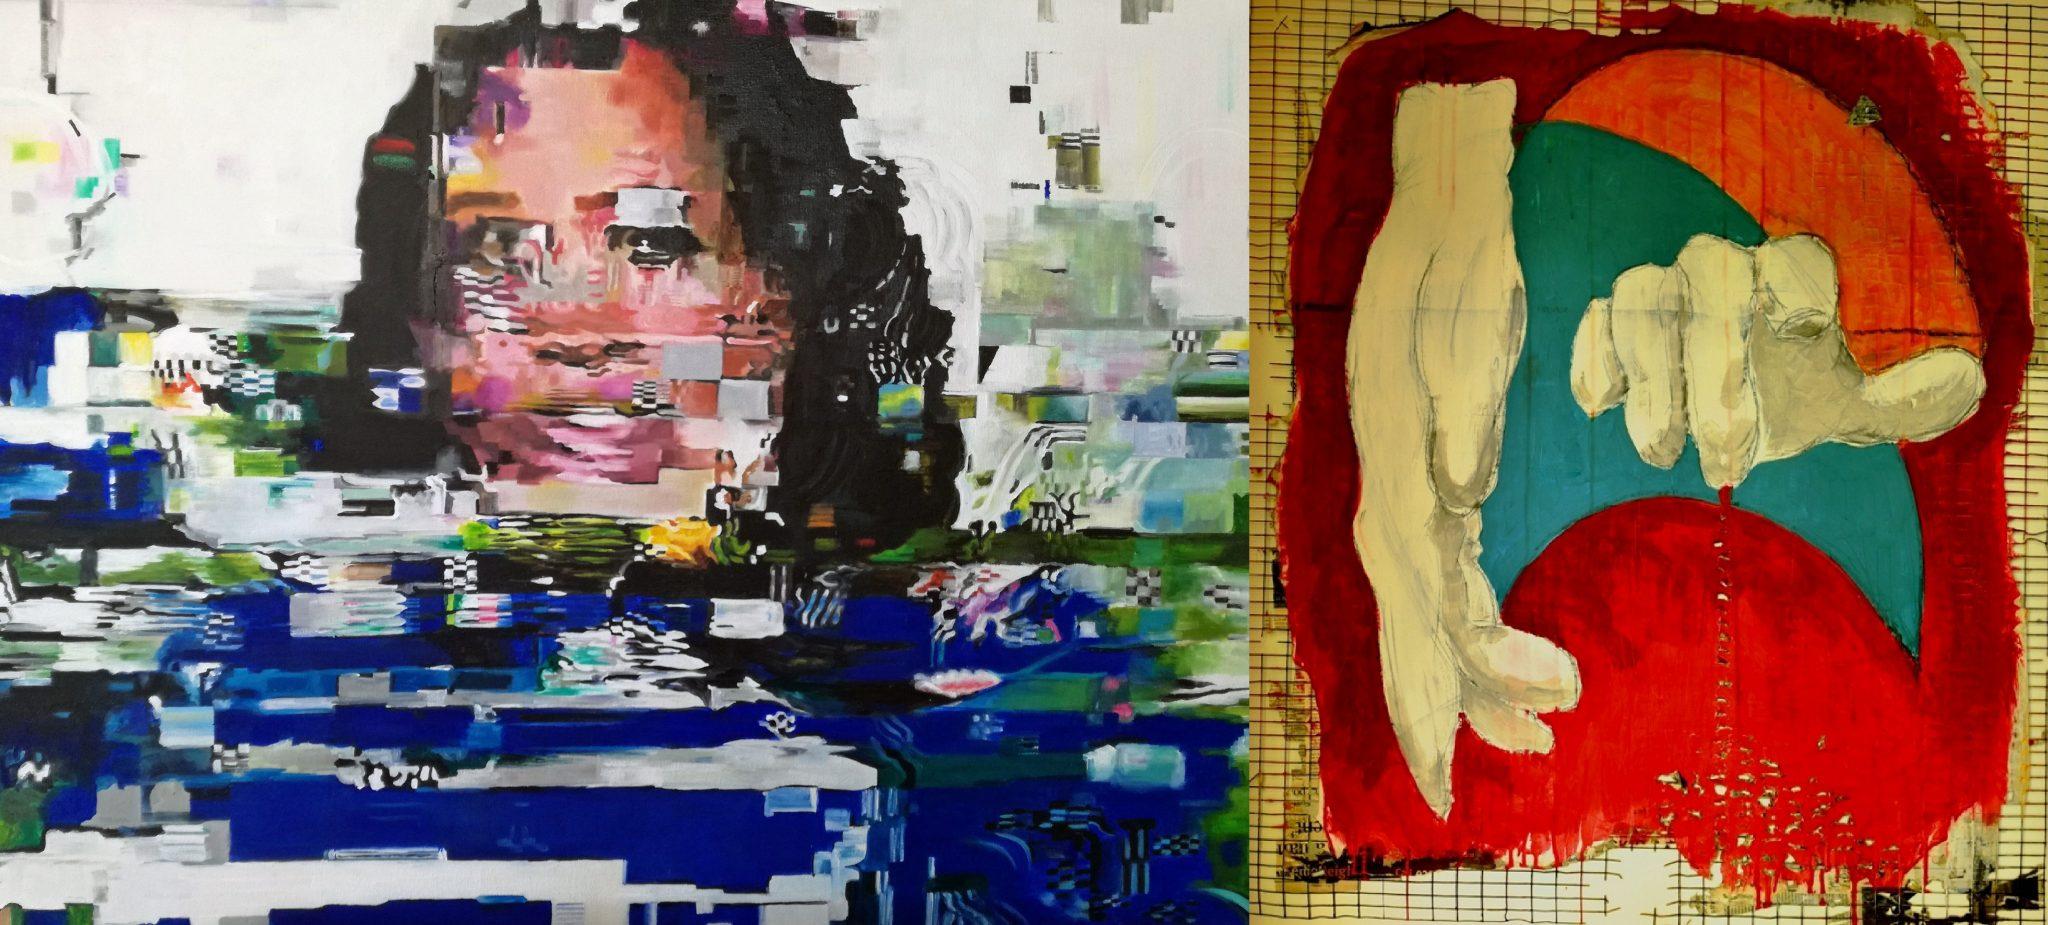 Sarah Youseman Jeremy Scott artists exhibition Pie Factory Margate